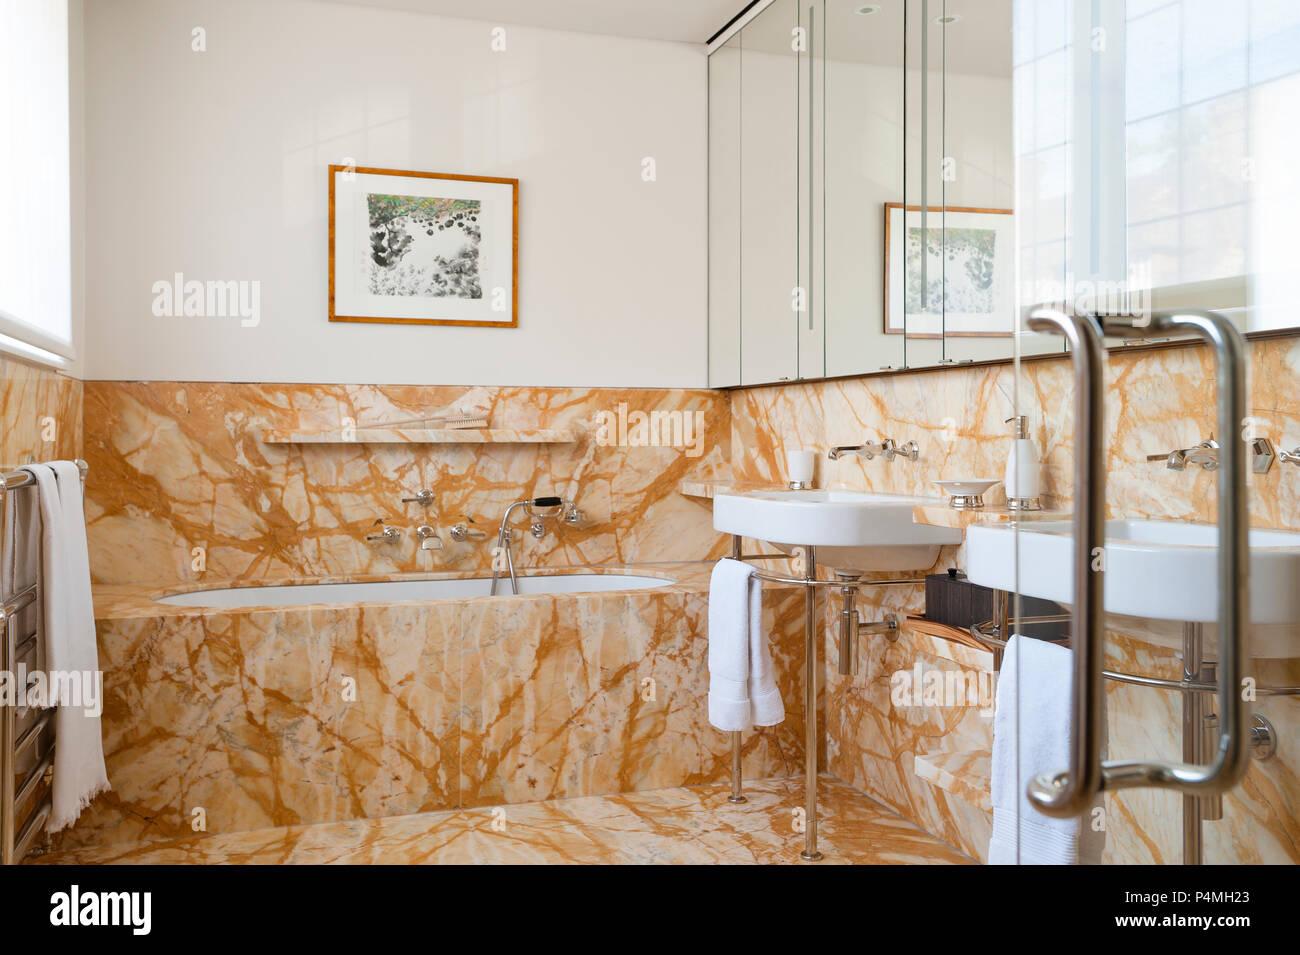 Bagno con piastrelle marrone lavoro foto & immagine stock: 209435467